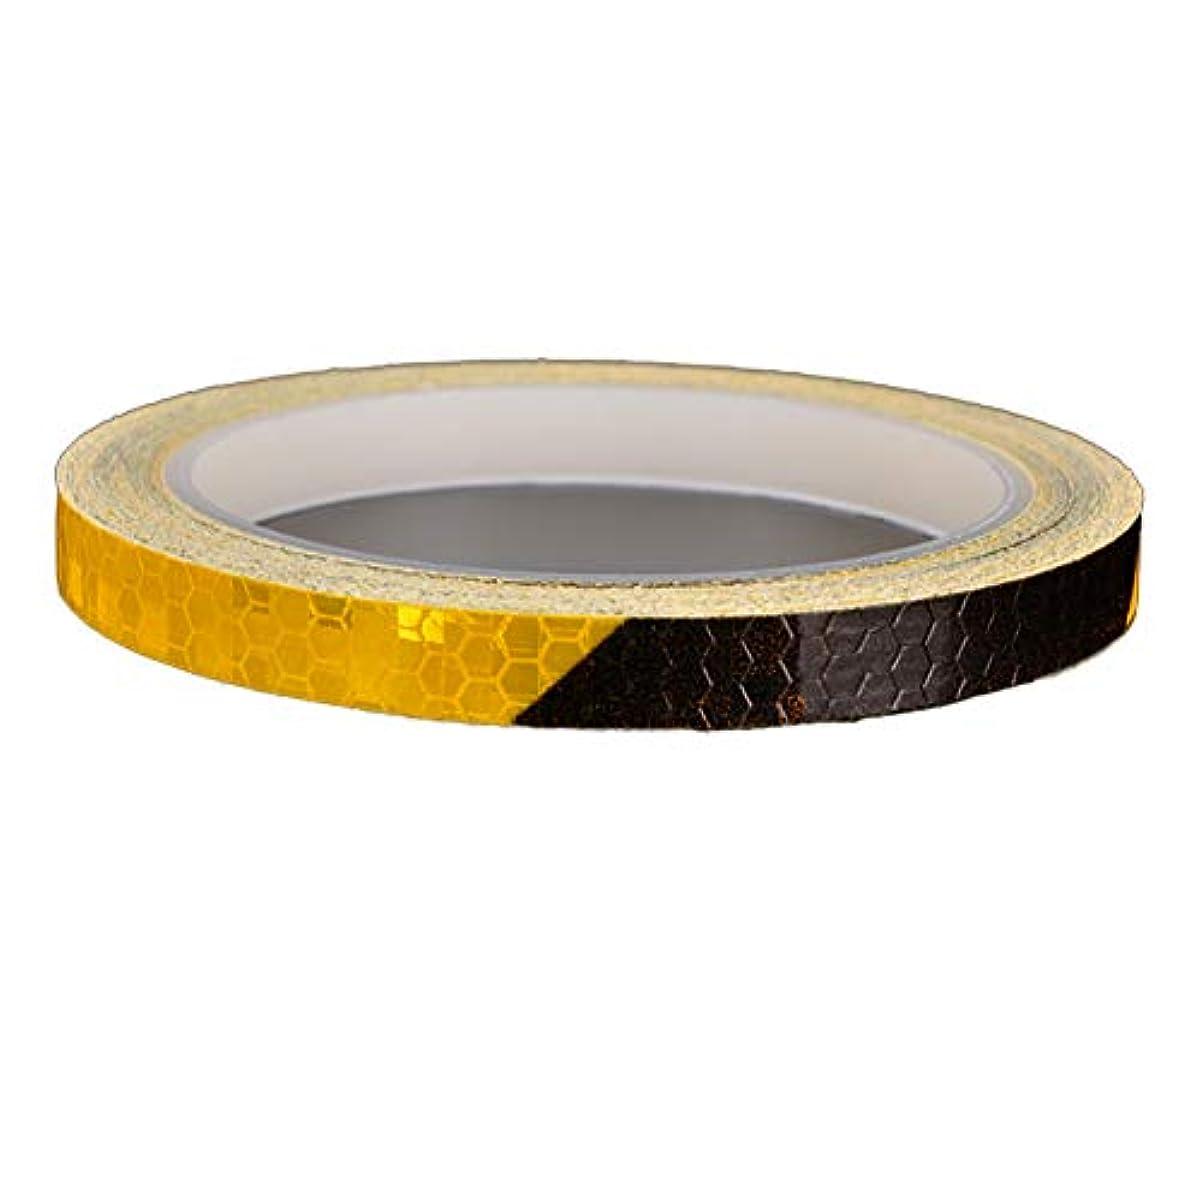 存在インディカ虚弱Xiton 自動車用 安全な材料 安全警告 テープ ステッカーテープ 自転車 蛍光 防水 装飾 安全 かっこいい 8m